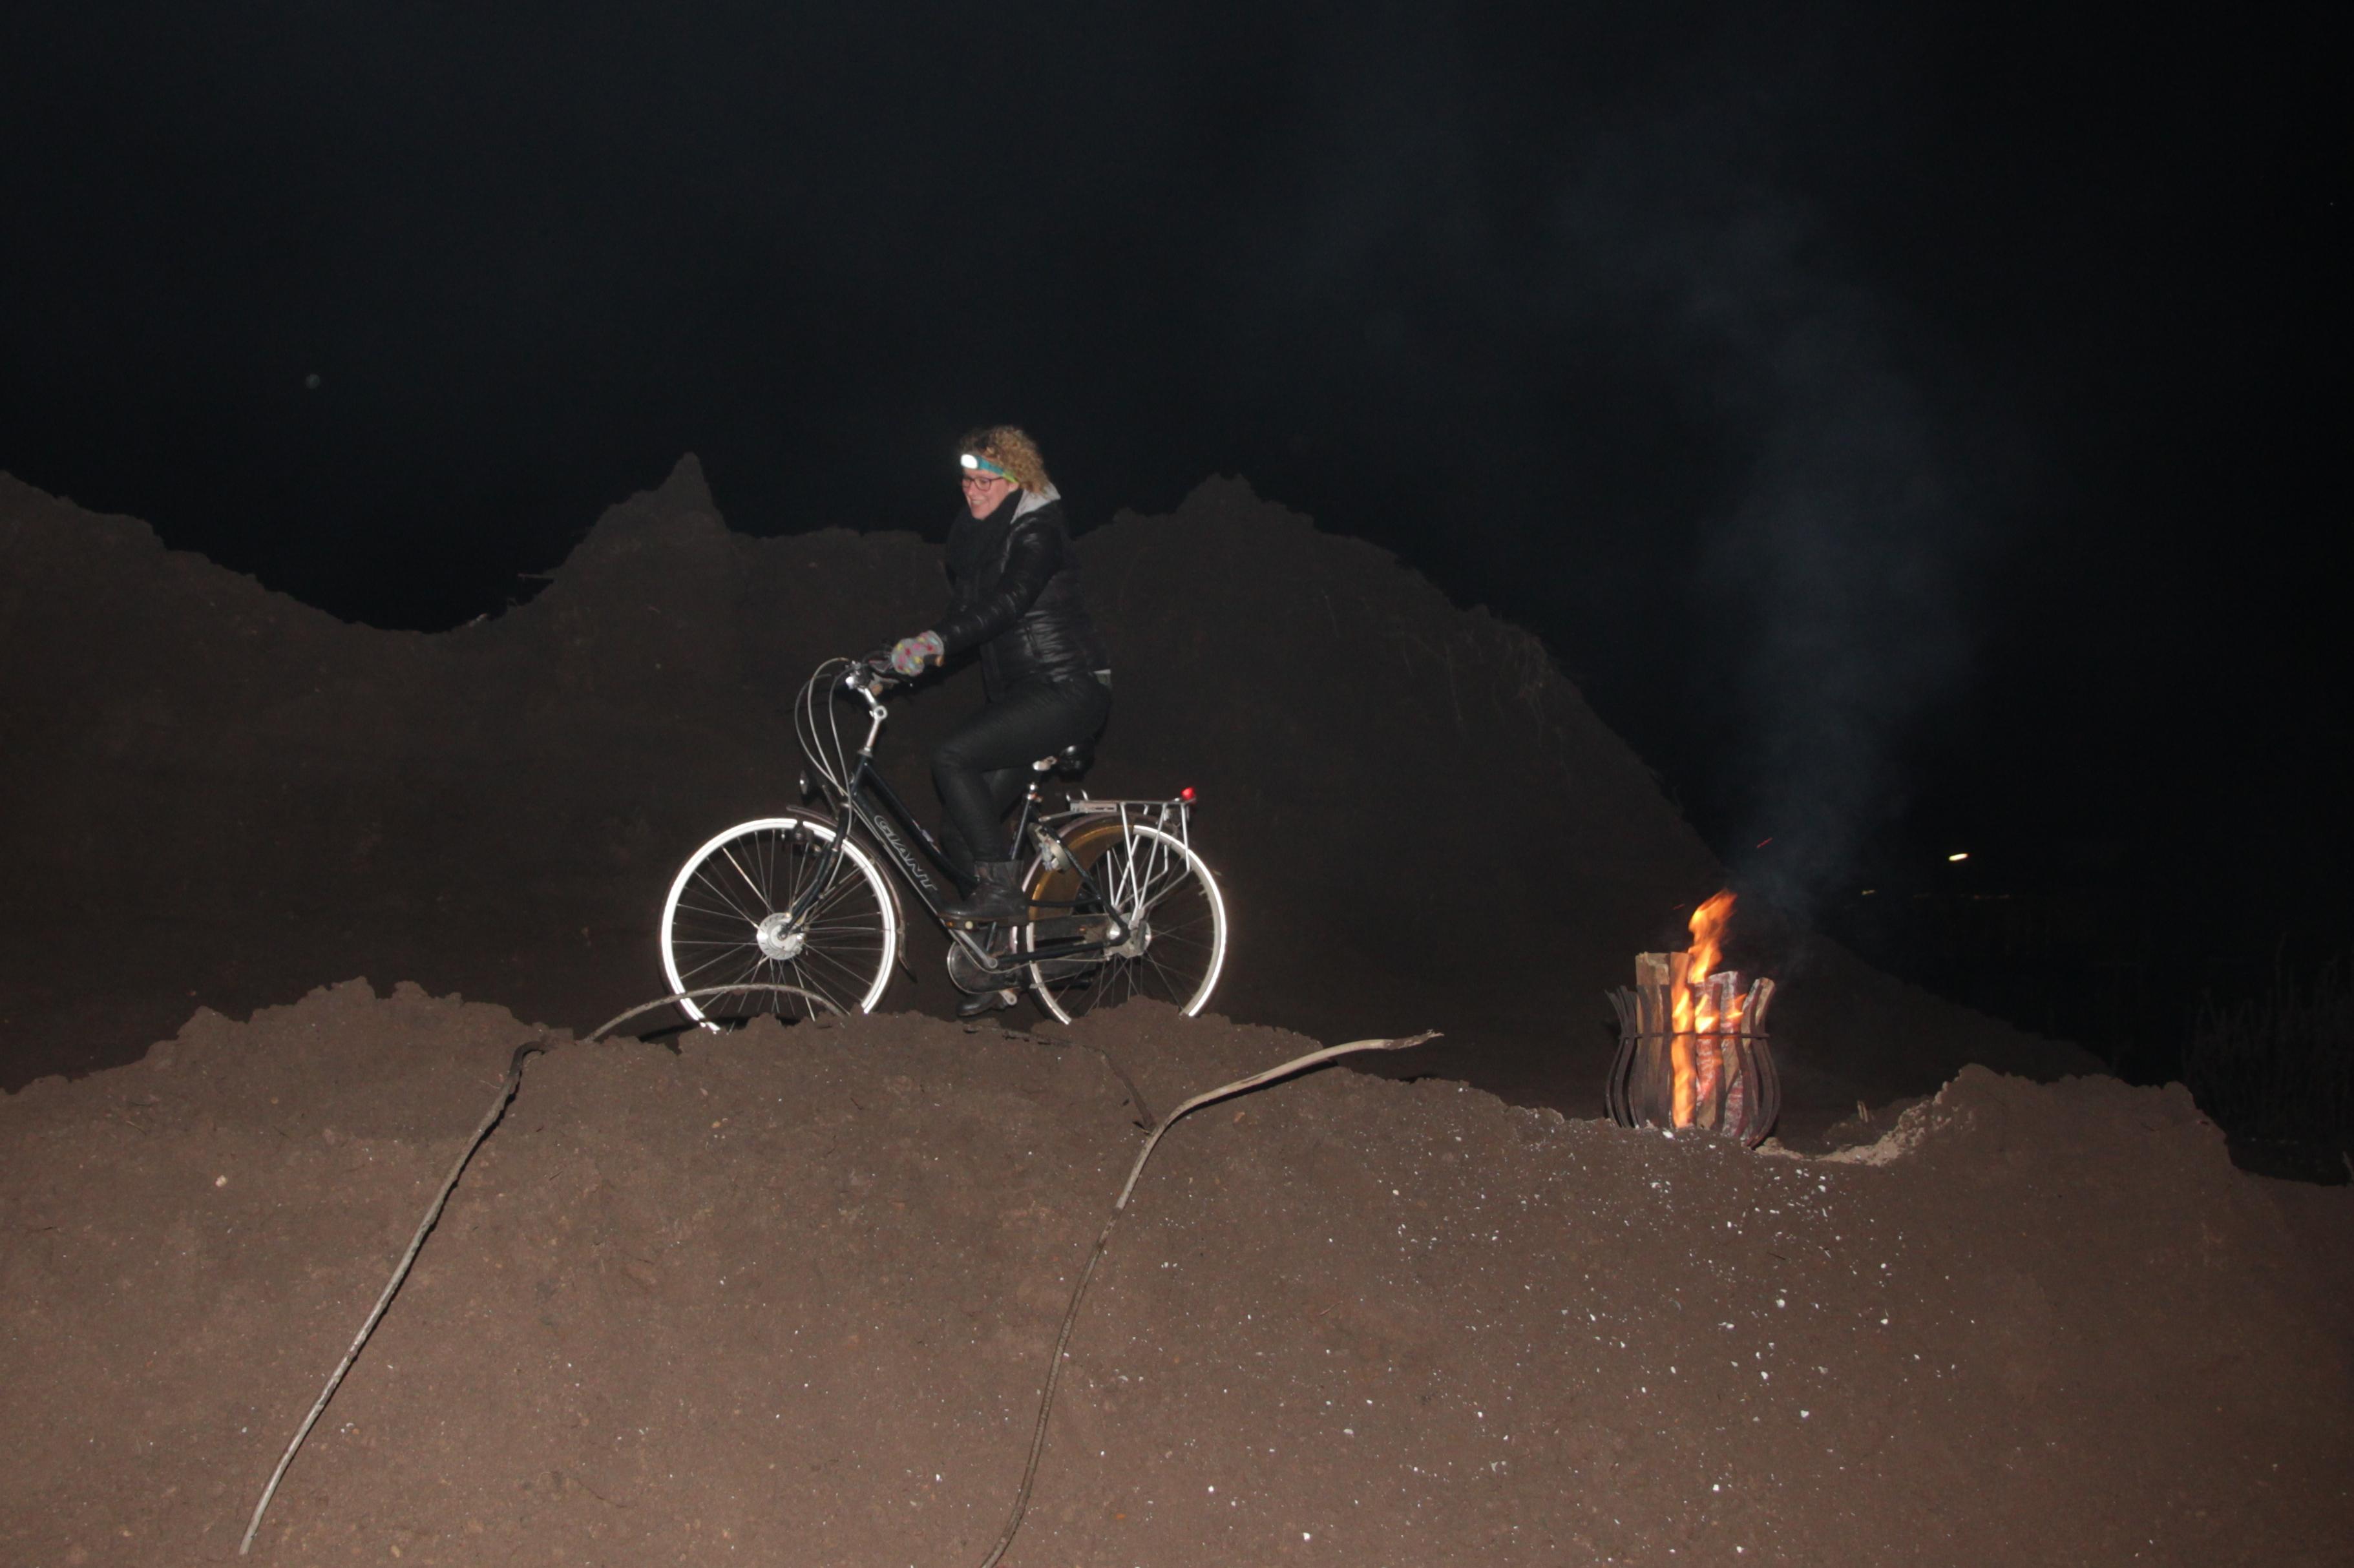 Nightbike-Méél-by-Night.-2017-63